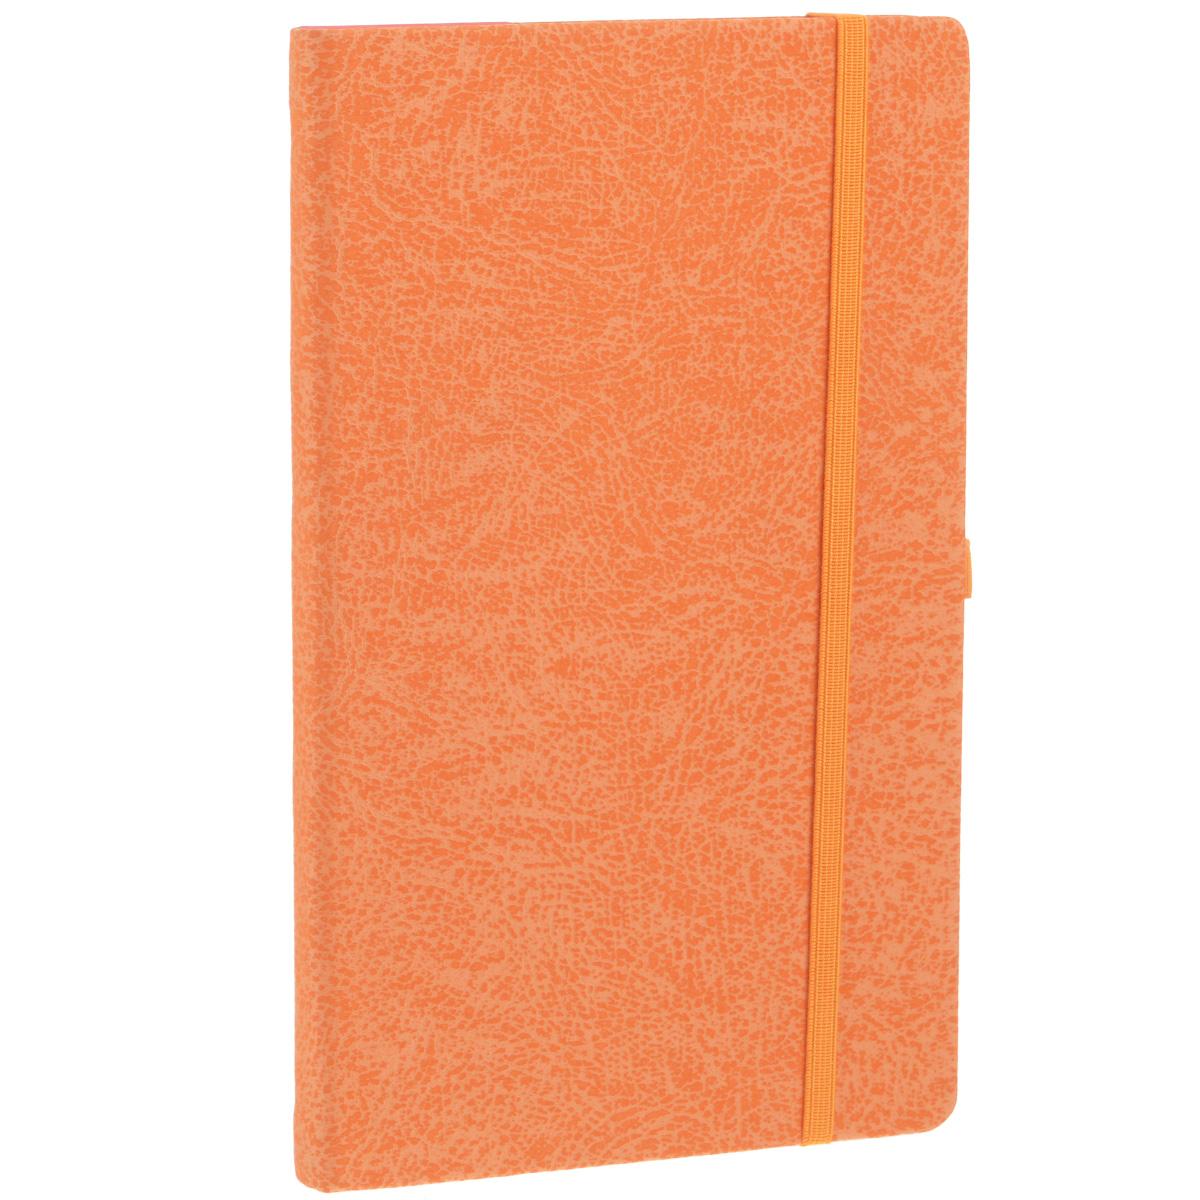 Записная книжка Erich Krause Perfect, цвет: оранжевый, 96 листов12-13/ГПЗаписная книжка Erich Krause Perfect - это дополнительный штрих к вашему имиджу. Демократичная в своем содержании, книжка может быть использована не только для личных пометок и записей, но и как недатированный ежедневник. Надежная твердая обложка из плотного картона с тиснением под кожу сохранит ее в аккуратном состоянии на протяжении всего времени использования. Плотная в линейку бумага белого цвета, закладка-ляссе, практичные скругленные углы, эластичная петелька для ручки и внутренний бумажный карман на задней обложке - все это обеспечит вам истинное удовольствие от письма. В начале книжки имеется страничка для заполнения личных данных владельца, четыре страницы для заполнения адресов, телефонов и интернет-почты и четыре страницы для заполнения сайтов и ссылок. Благодаря небольшому формату книжку легко взять с собой. Записная книжка плотно закрывается при помощи фиксирующей резинки.